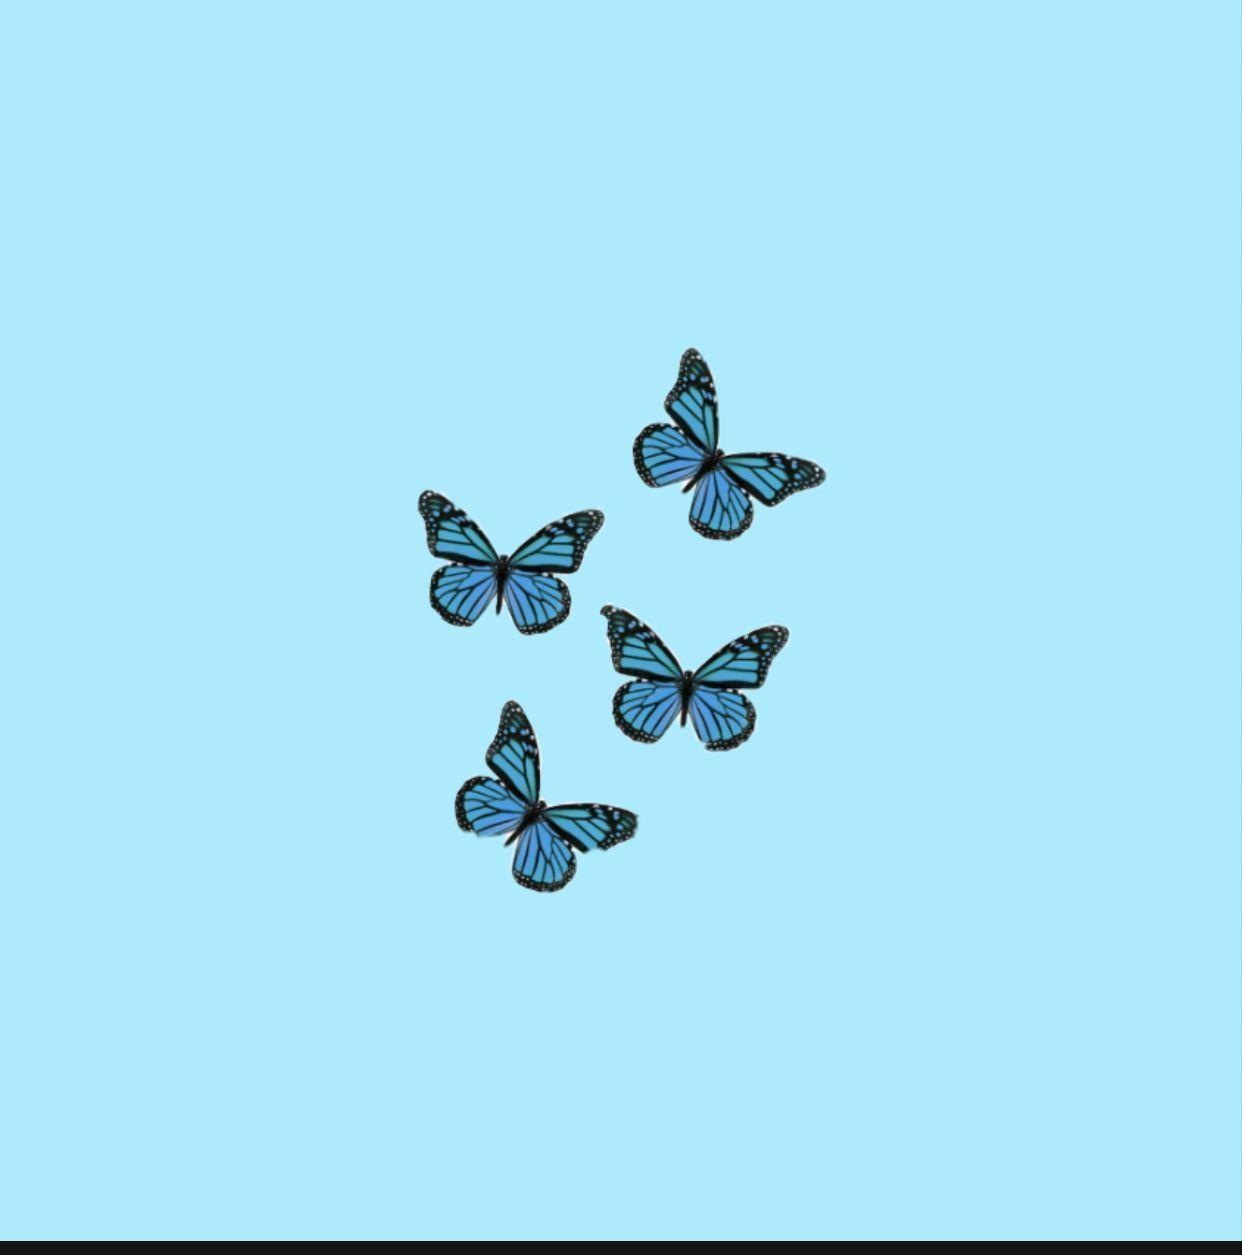 Aesthetic Butterfly Wallpaper Blue Butterfly Wallpaper Blue Aesthetic Pastel Light Blue Aesthetic